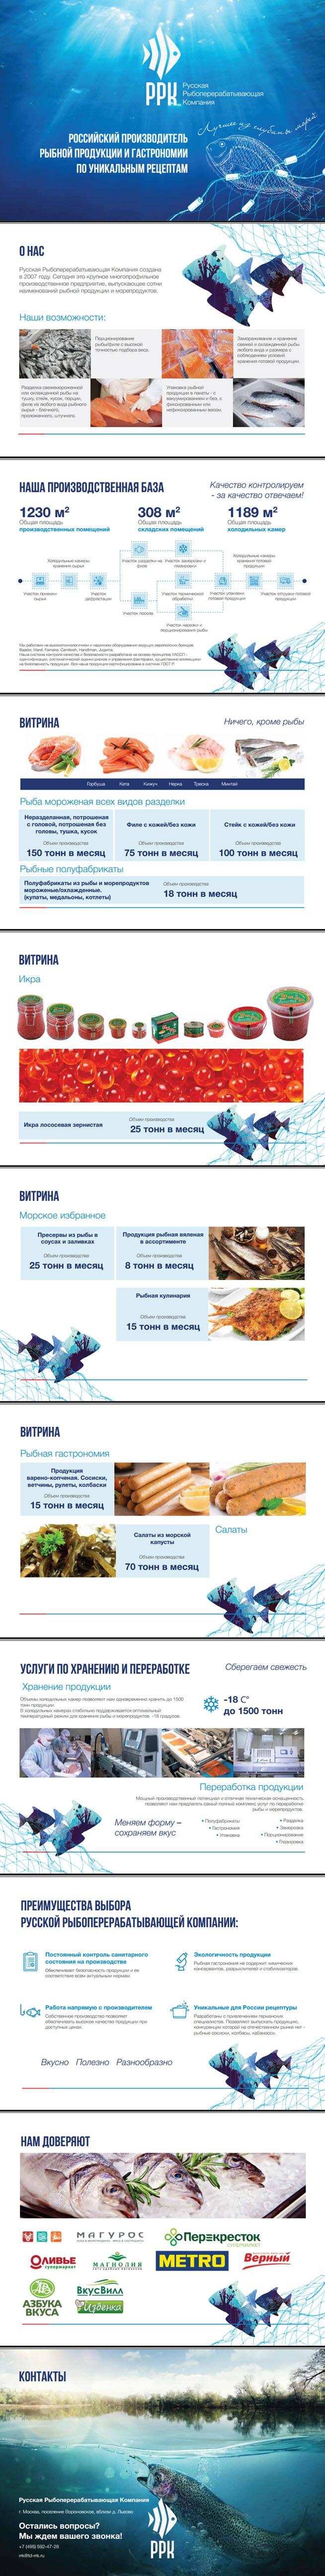 Маркетинг-кит. Русская рыбоперерабатывающая компания